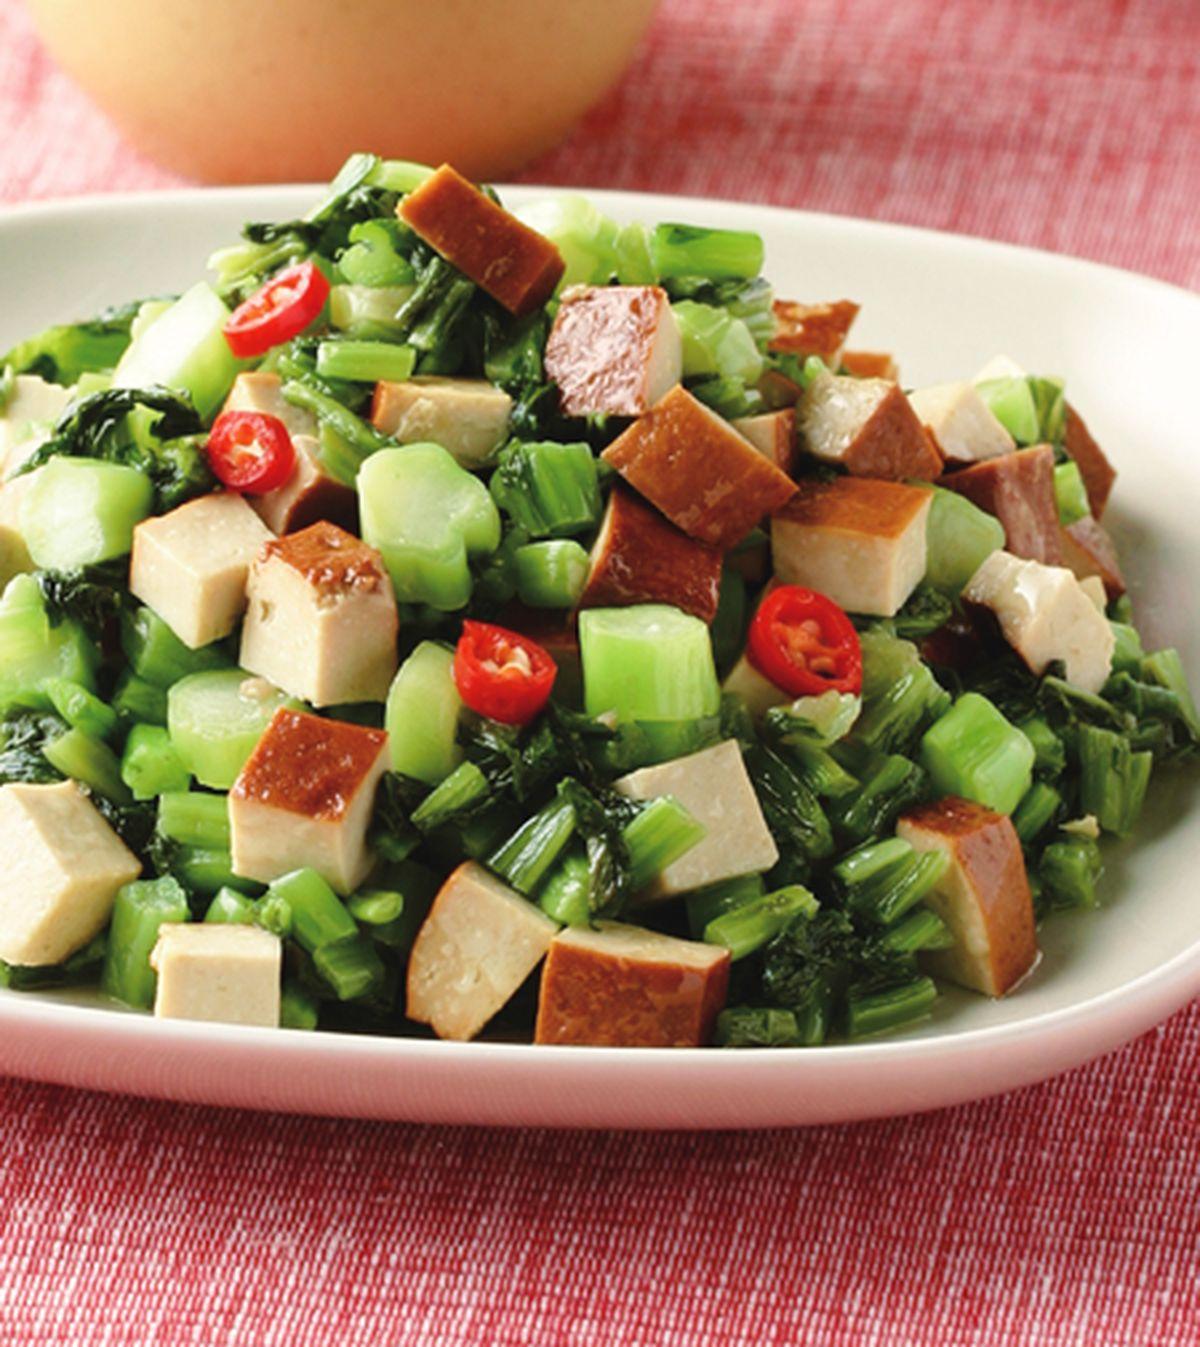 食譜:雪菜干丁